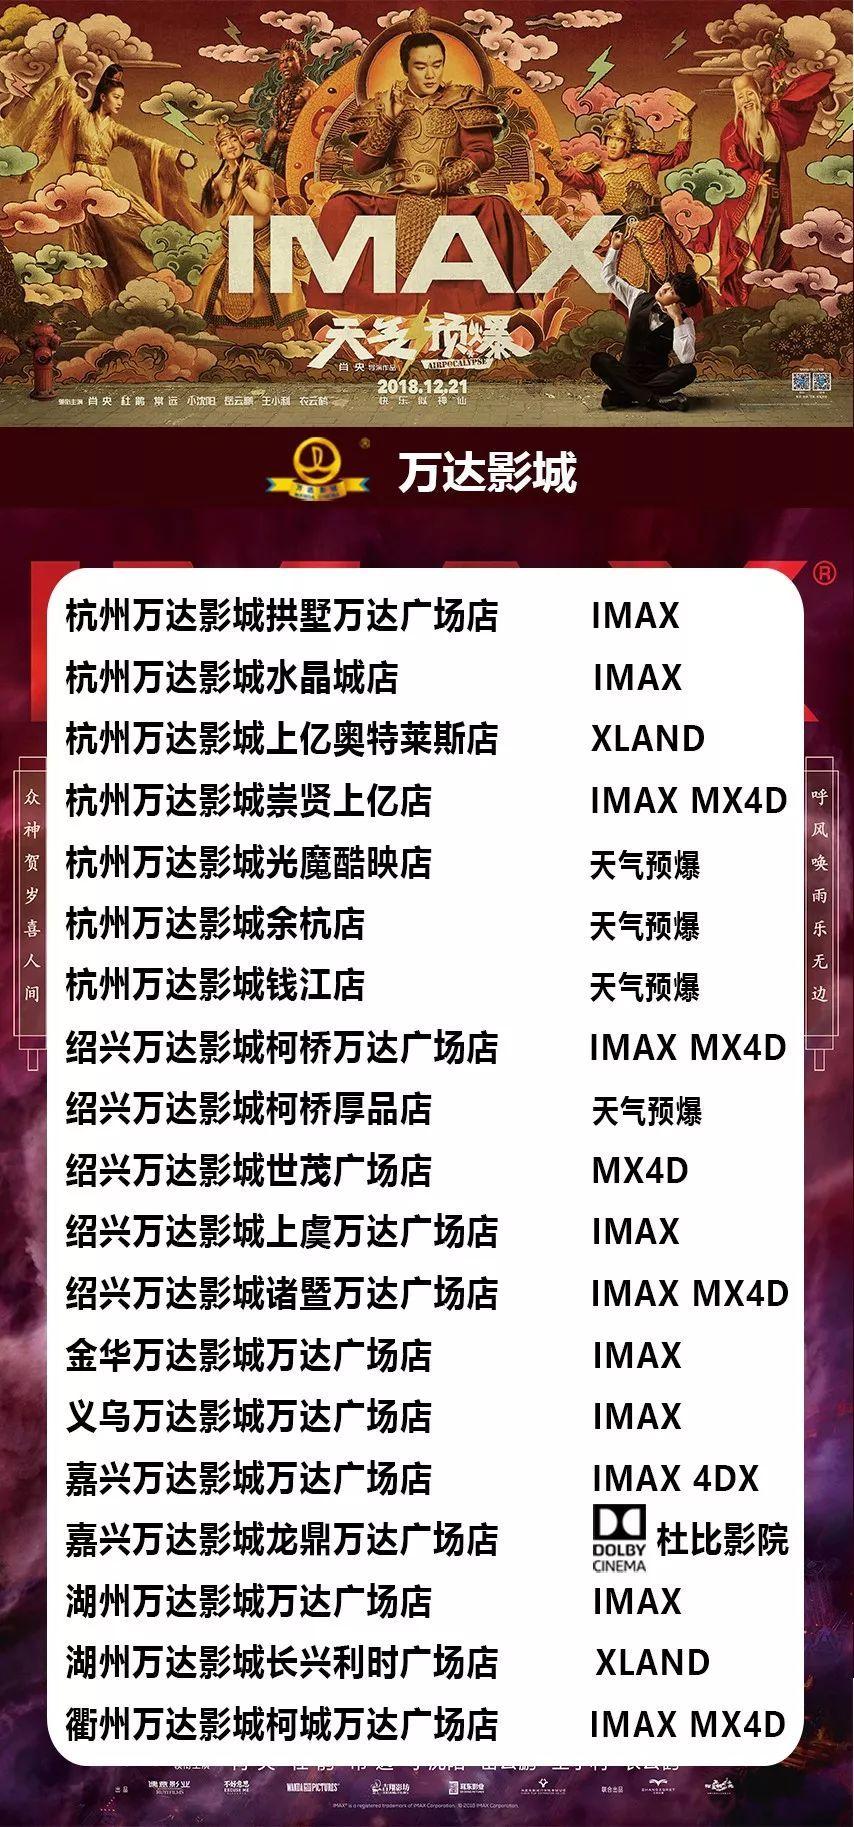 万达电影APP19.9看大片!日本电影节2017戛纳图片